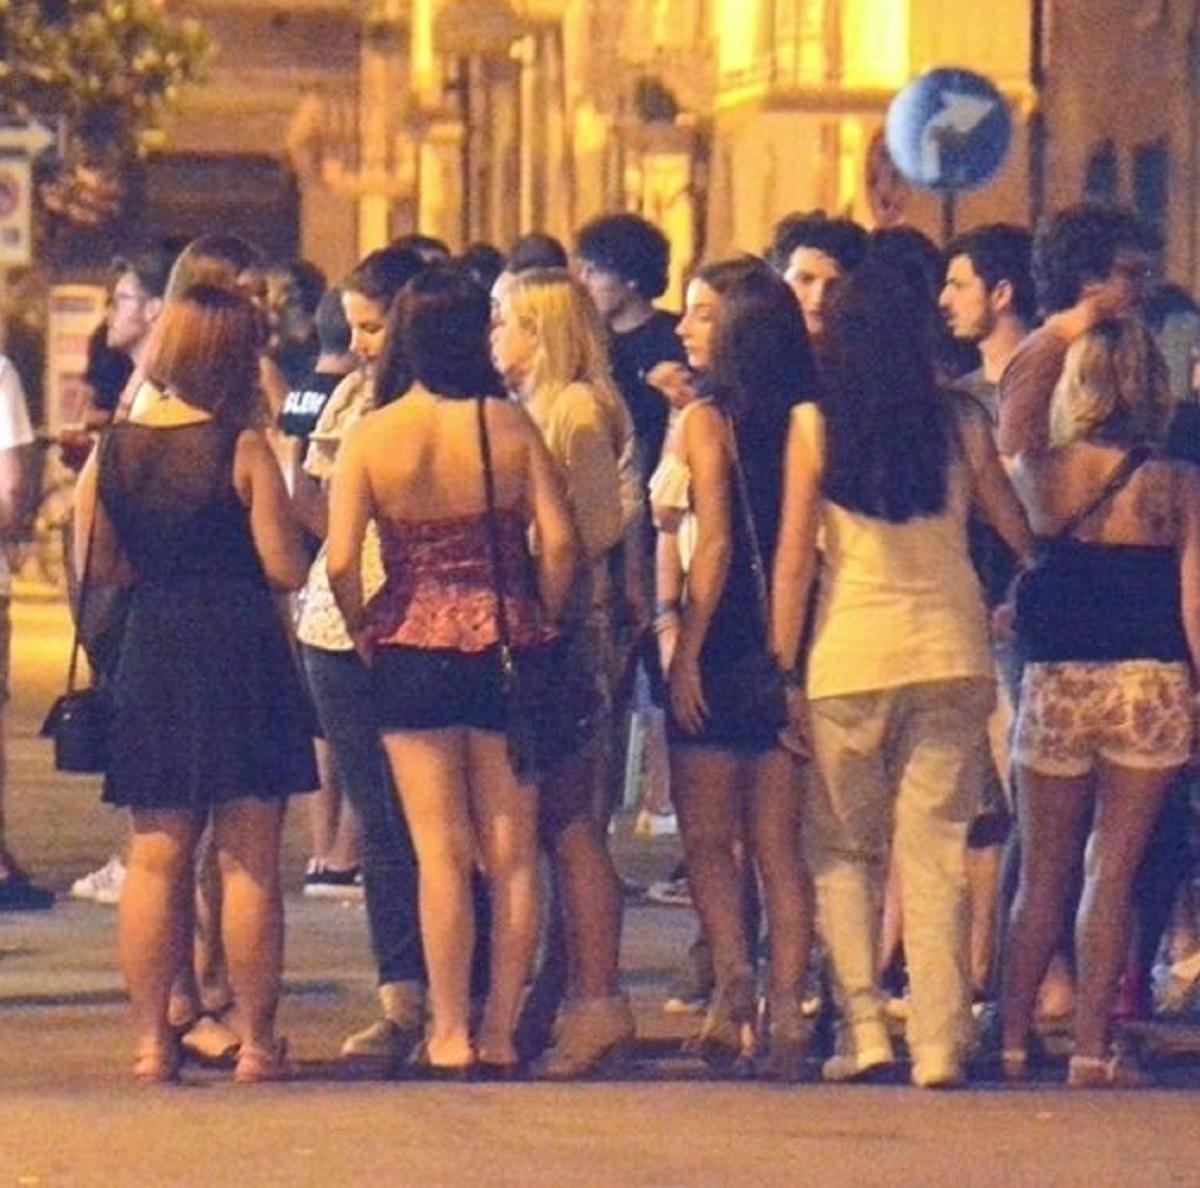 Riccione Covid positivi adolescenti vacanza